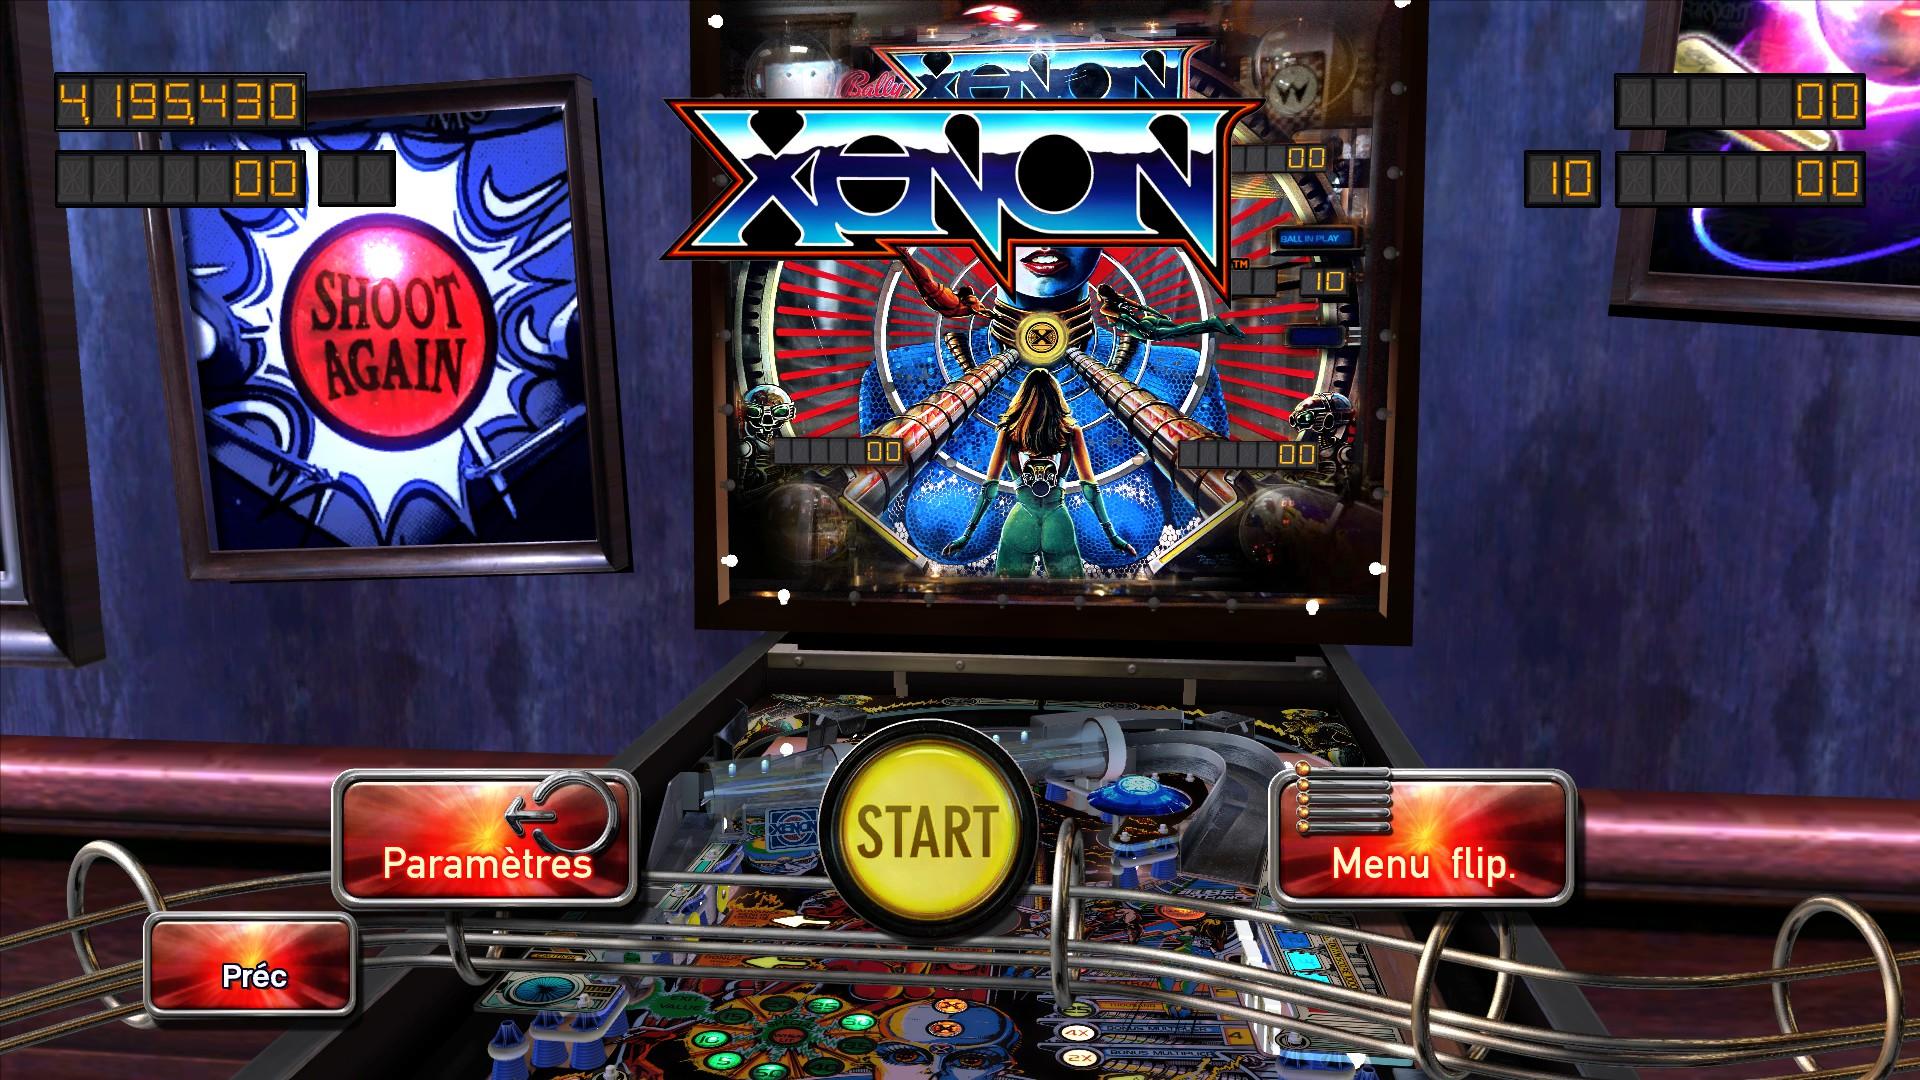 Mantalow: Pinball Arcade: Xenon (PC) 4,195,430 points on 2016-02-26 04:47:27